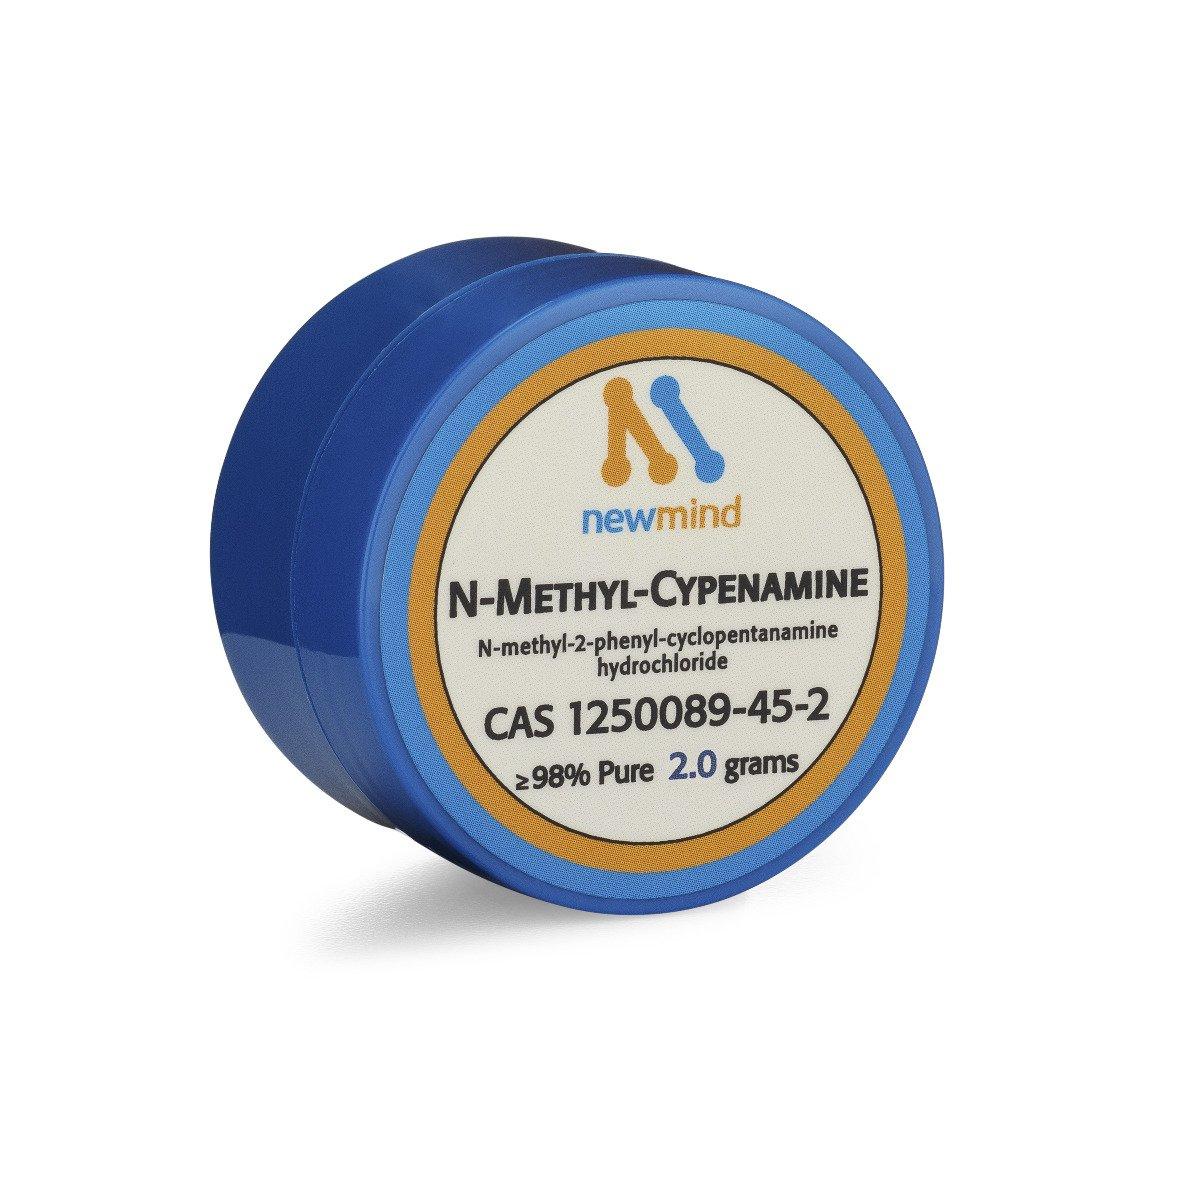 N-Methyl-Cypenamine HCl, ≥98%